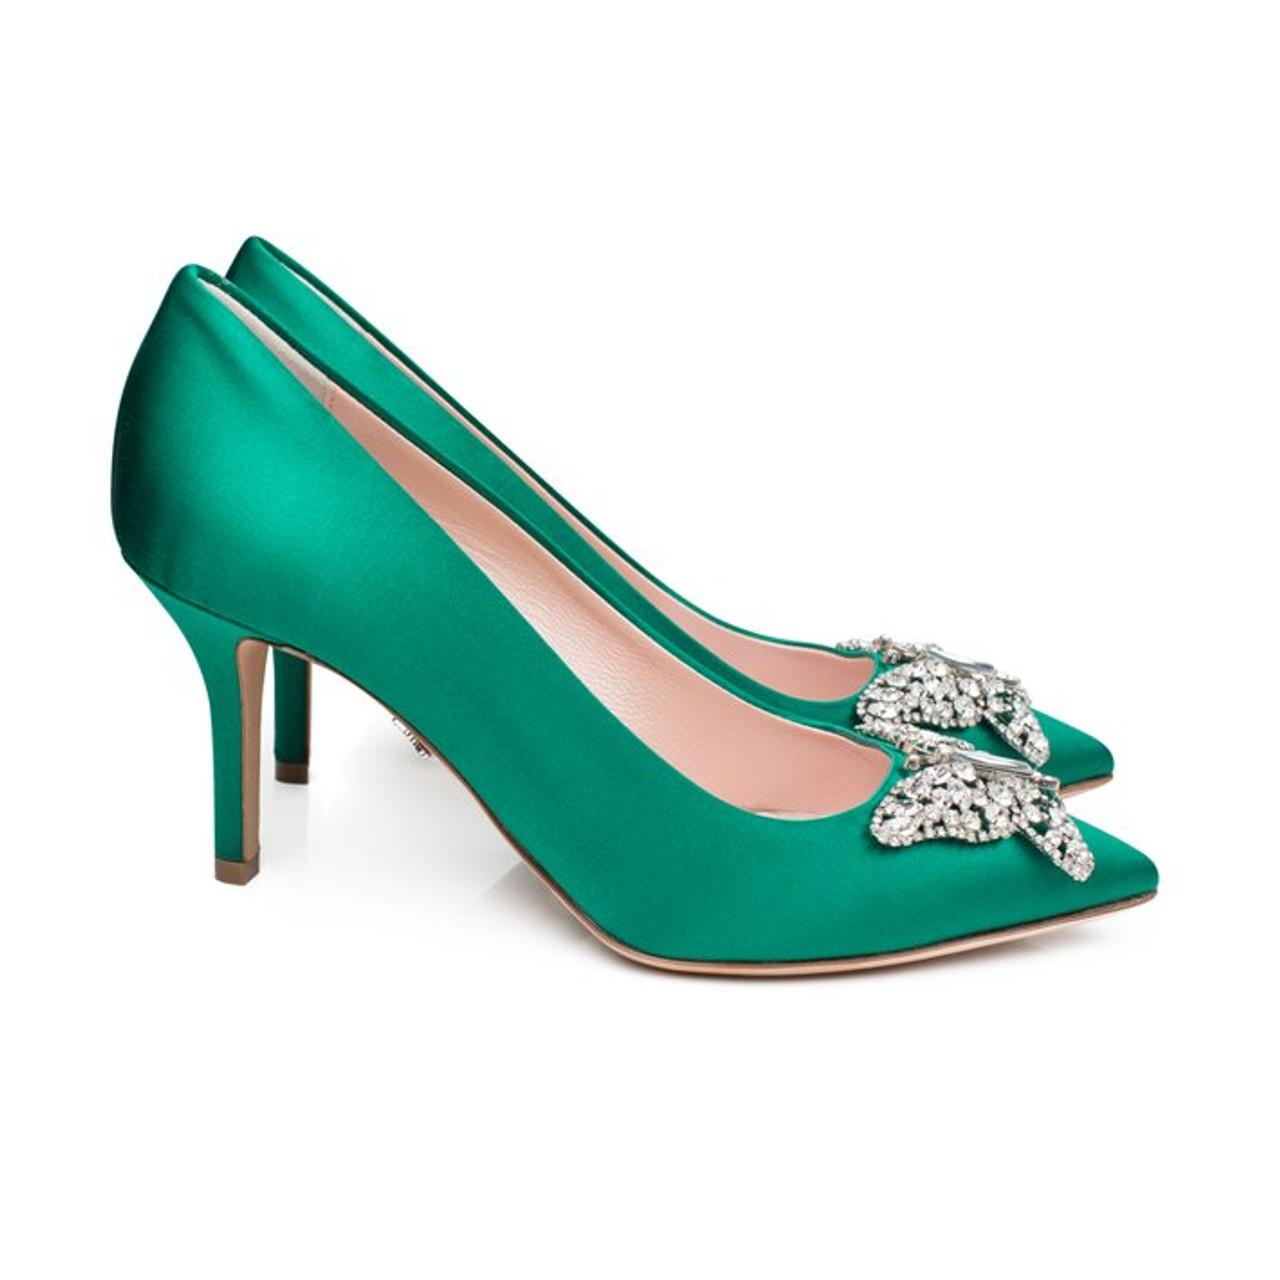 Emilia Farfalla Stiletto Emerald Green